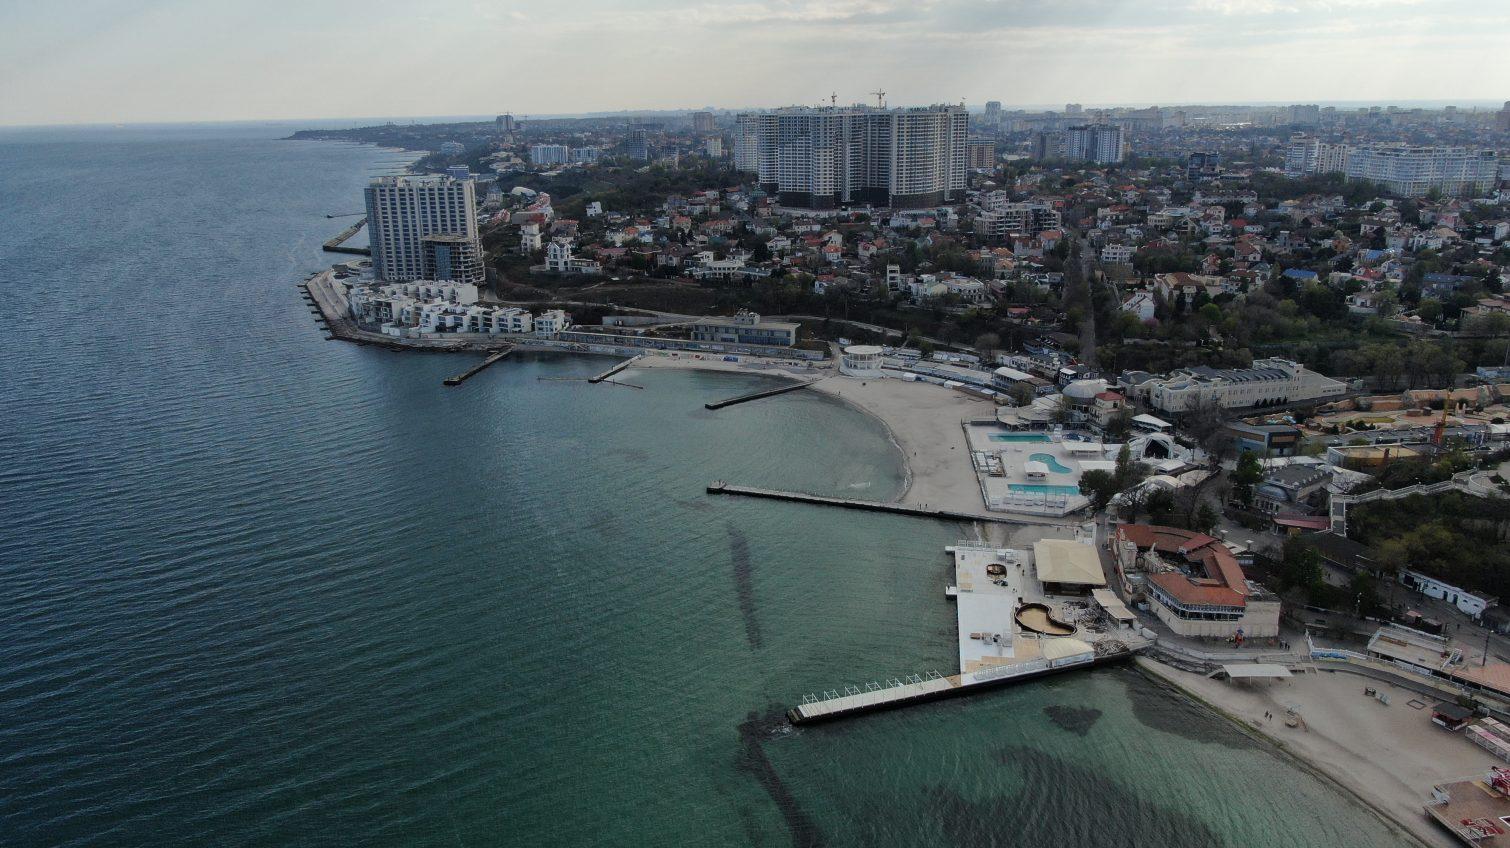 Вопреки обещаниям: как застроилось побережье за каденцию Труханова «фото»